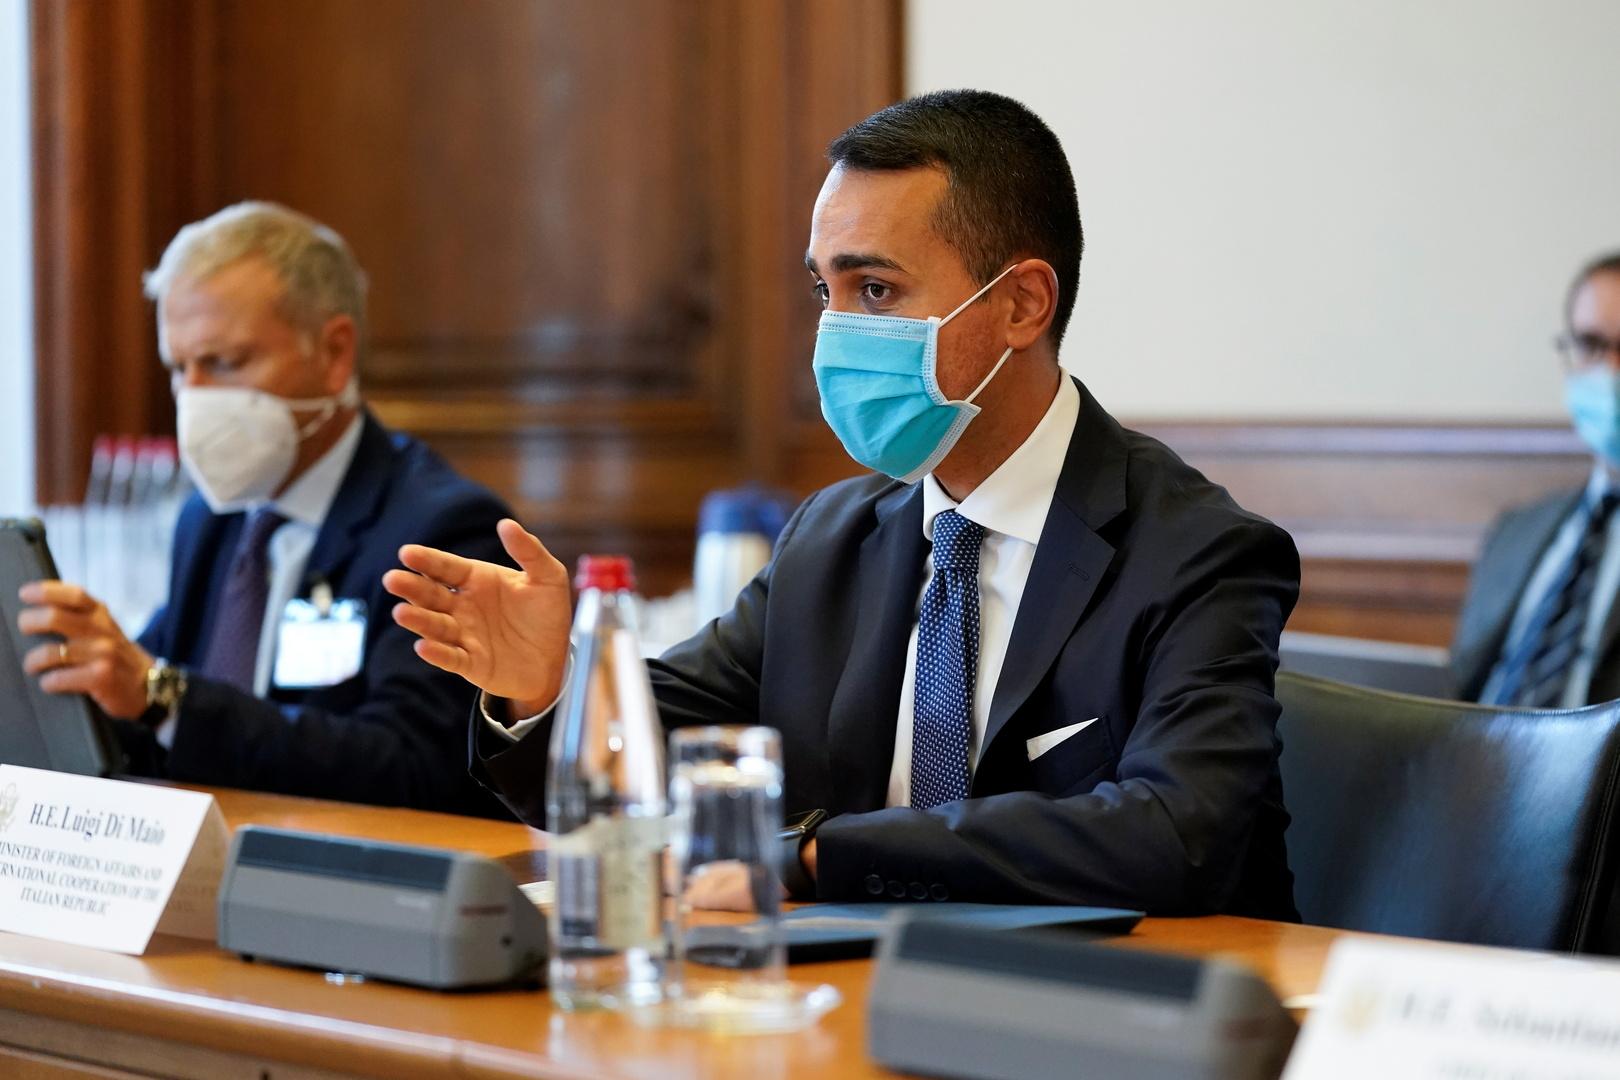 روما: ليبيا مستقرة تعني أيضا أوروبا أكثر أمانا